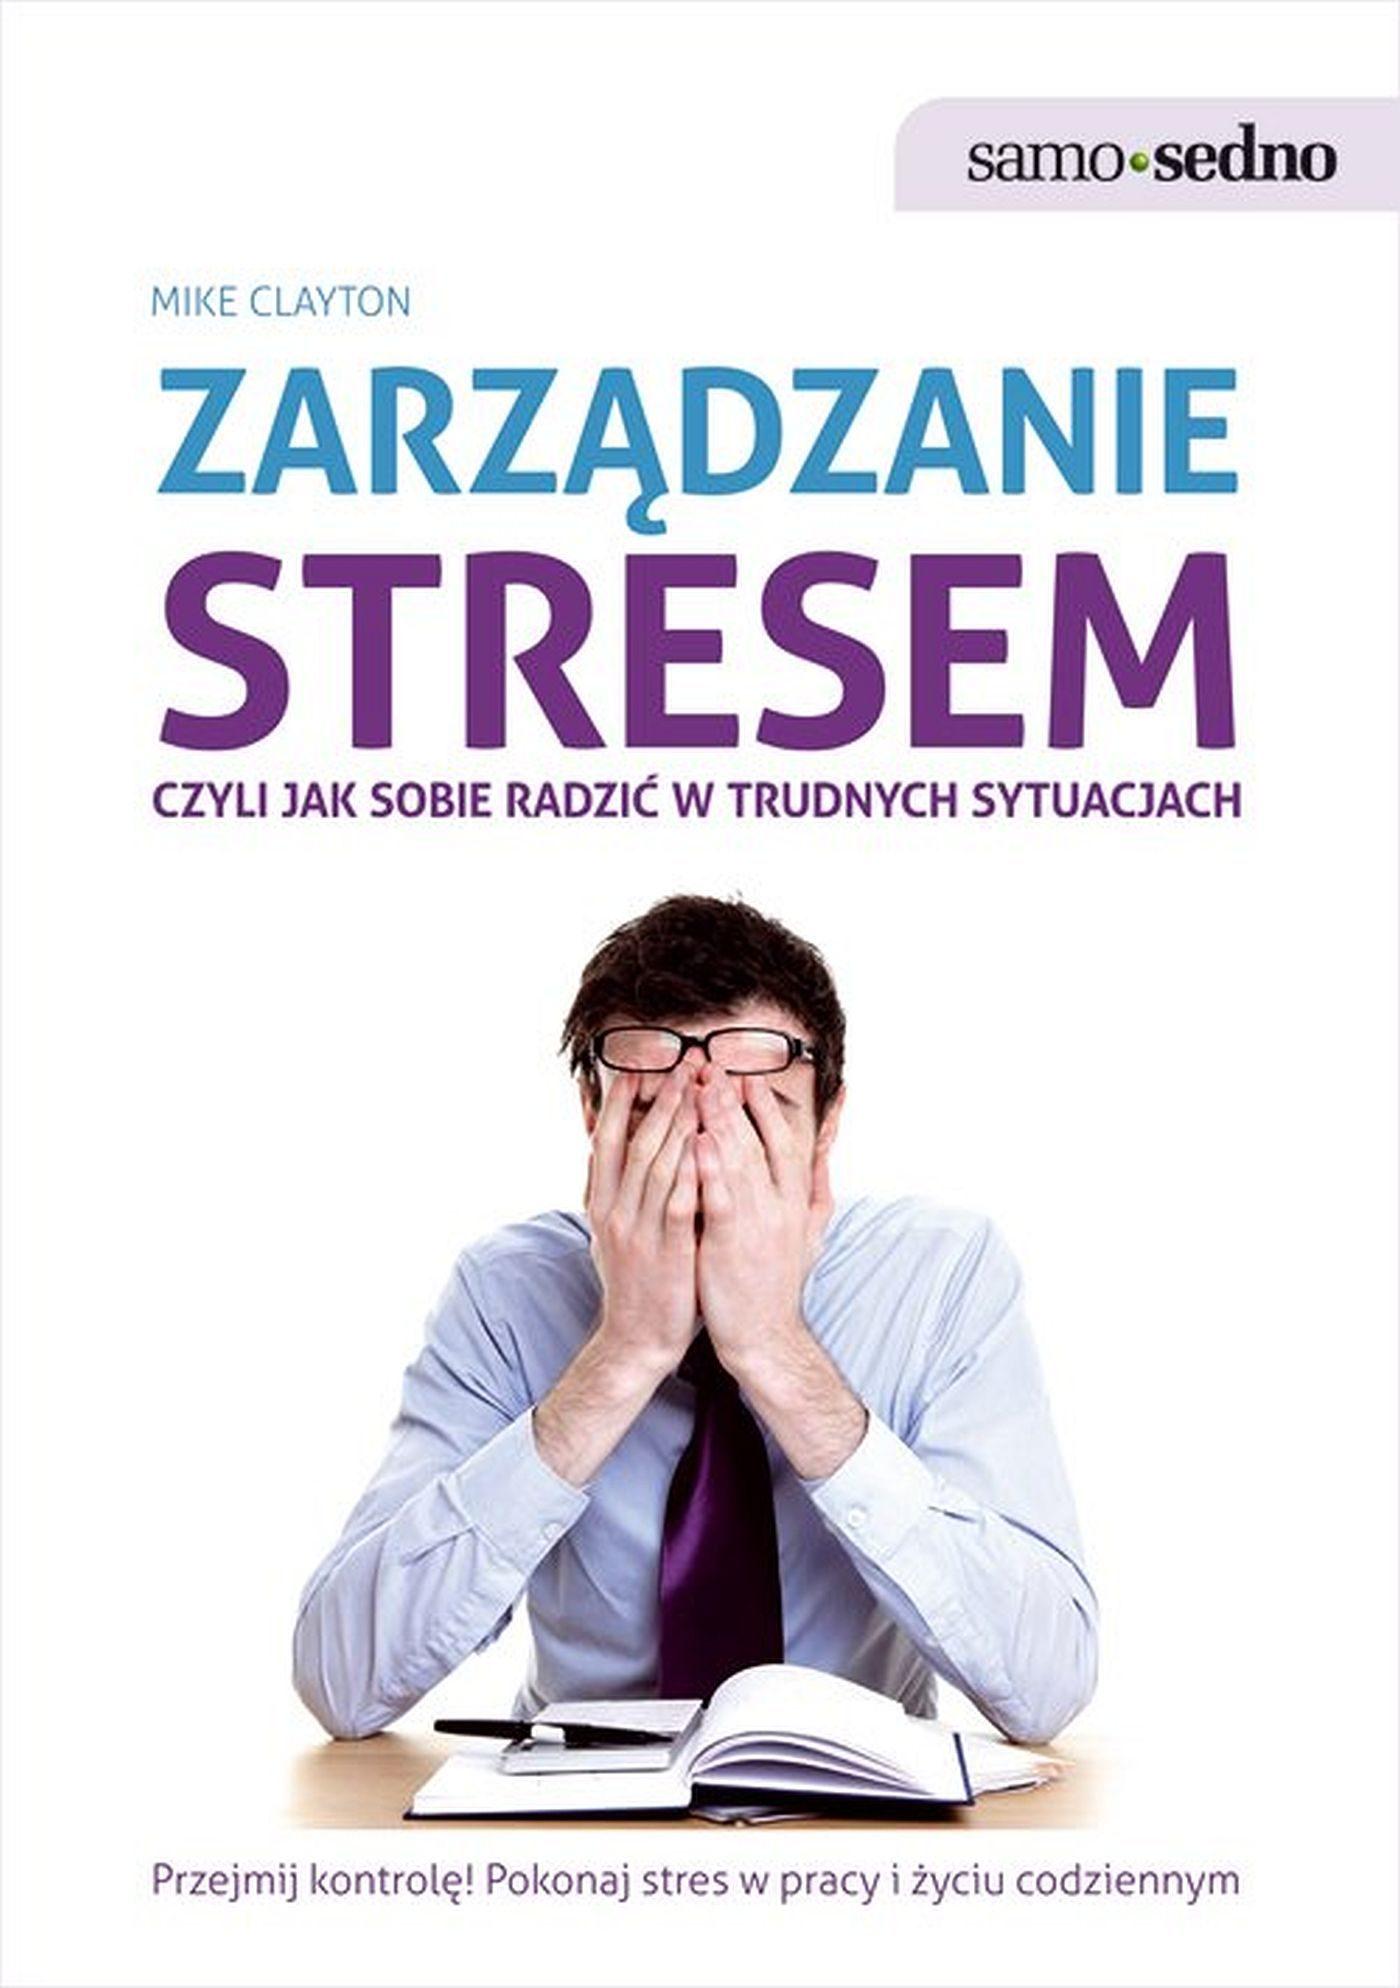 Samo Sedno - Zarządzanie stresem, czyli jak sobie radzić w trudnych sytuacjach - Ebook (Książka EPUB) do pobrania w formacie EPUB